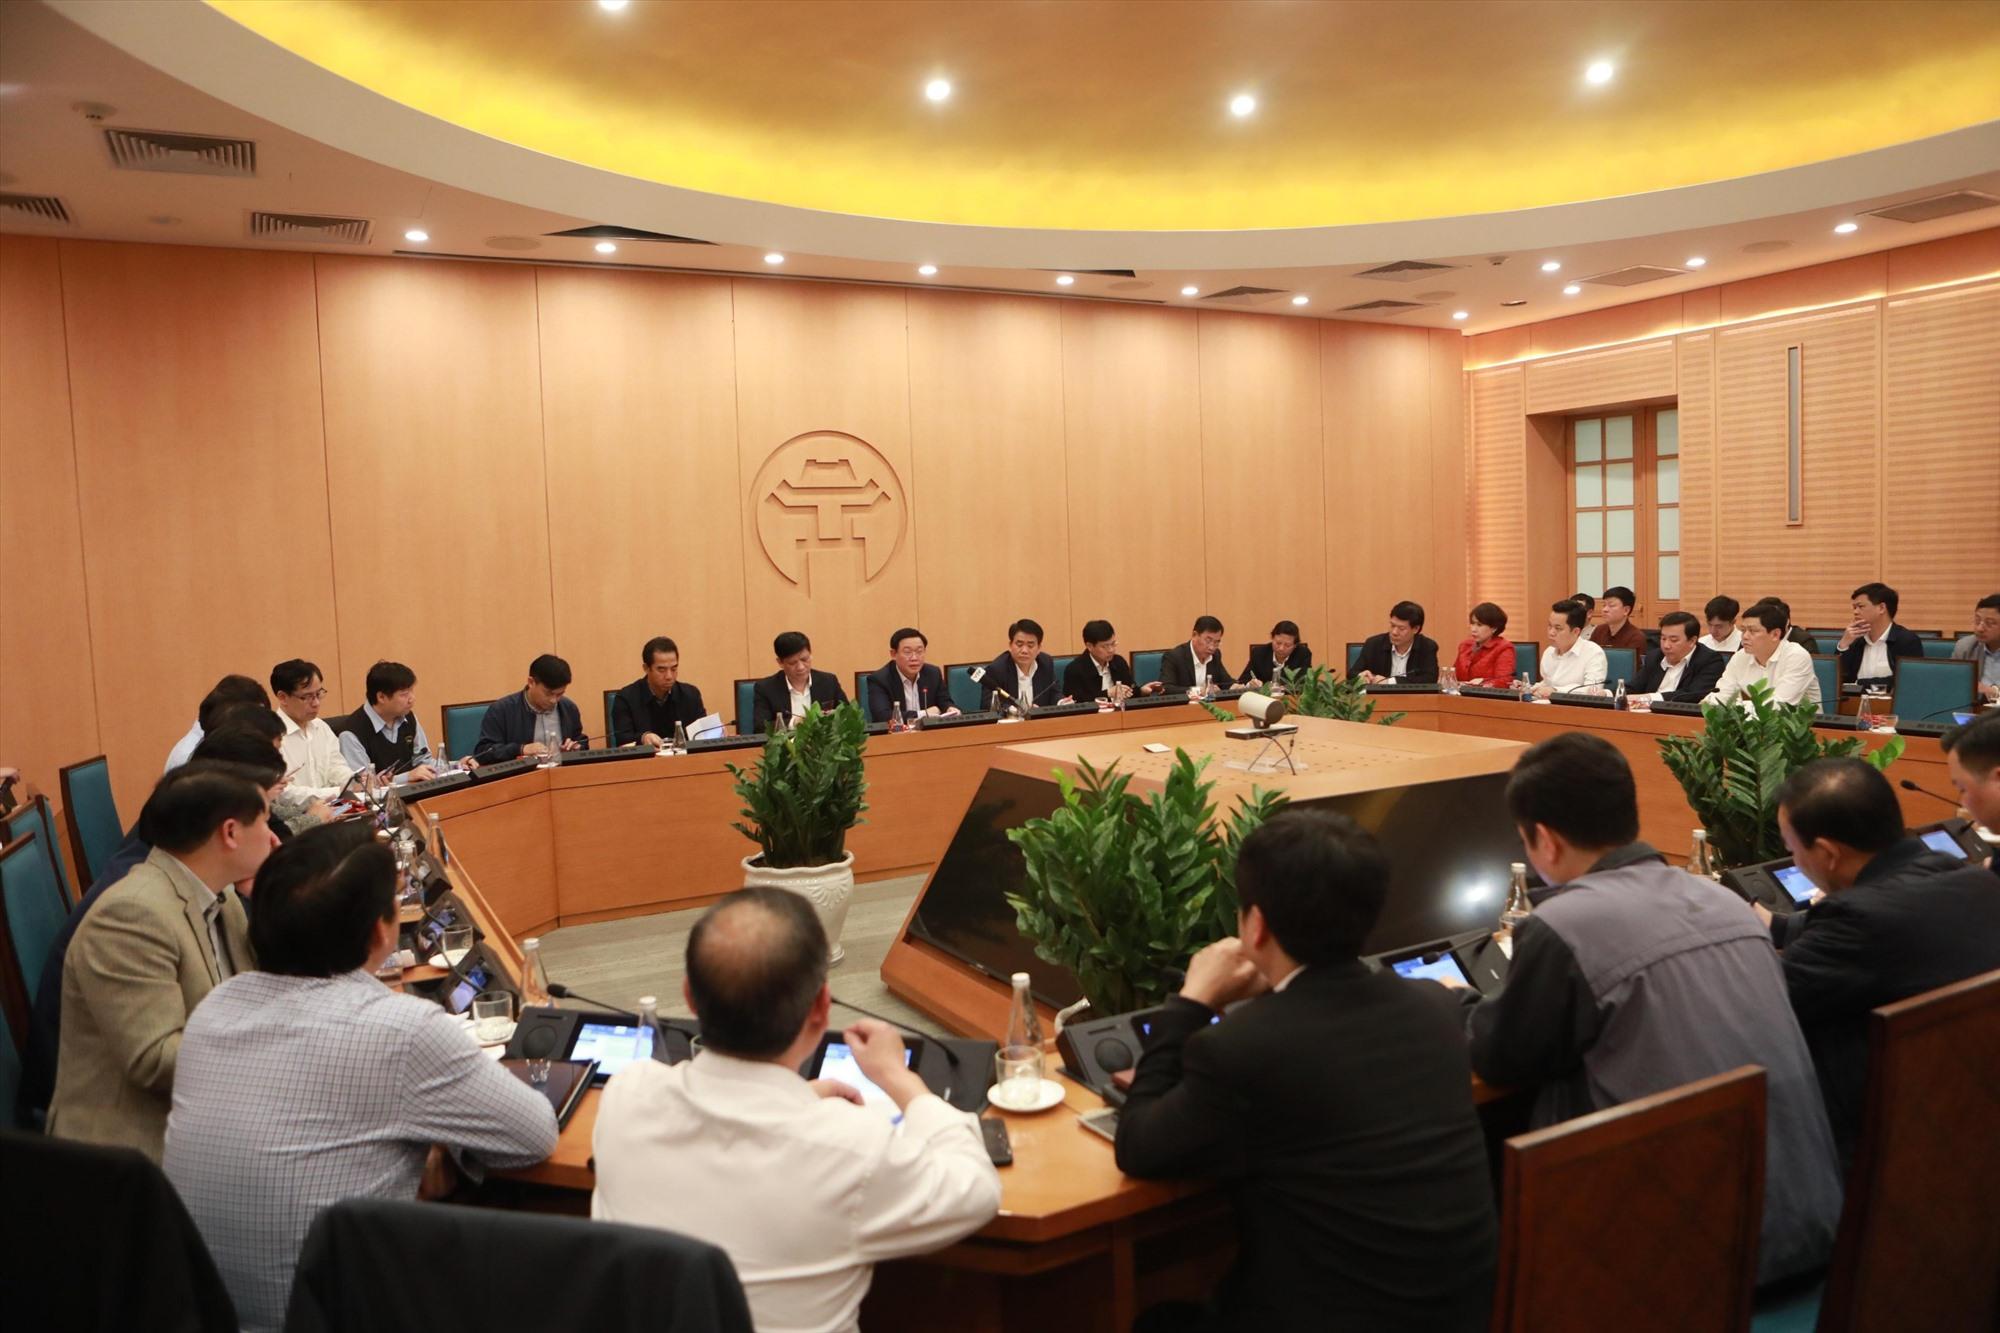 Cuộc họp khẩn của lãnh đạo thành phố Hà Nội đêm 6.3. Ảnh: VGP/Thiện Tâm